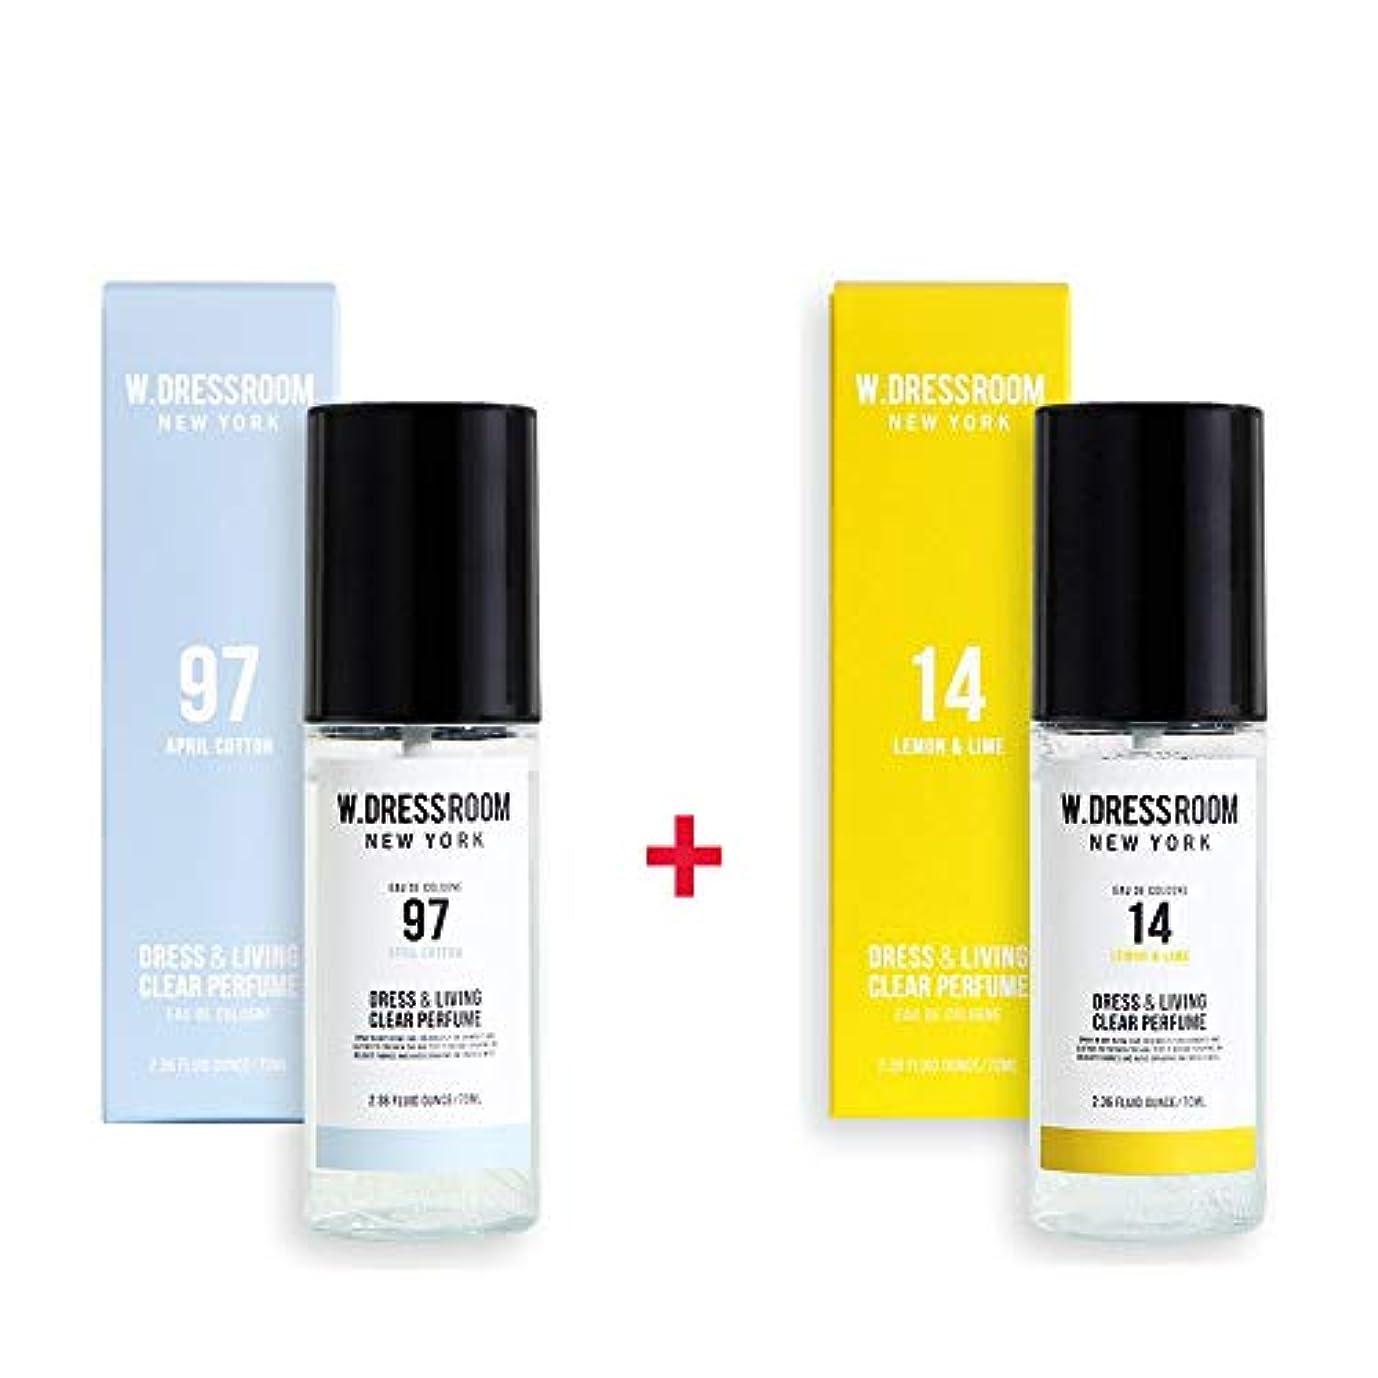 媒染剤お風呂を持っている野球W.DRESSROOM Dress & Living Clear Perfume 70ml (No 97 April Cotton)+(No 14 Lemon & Lime)